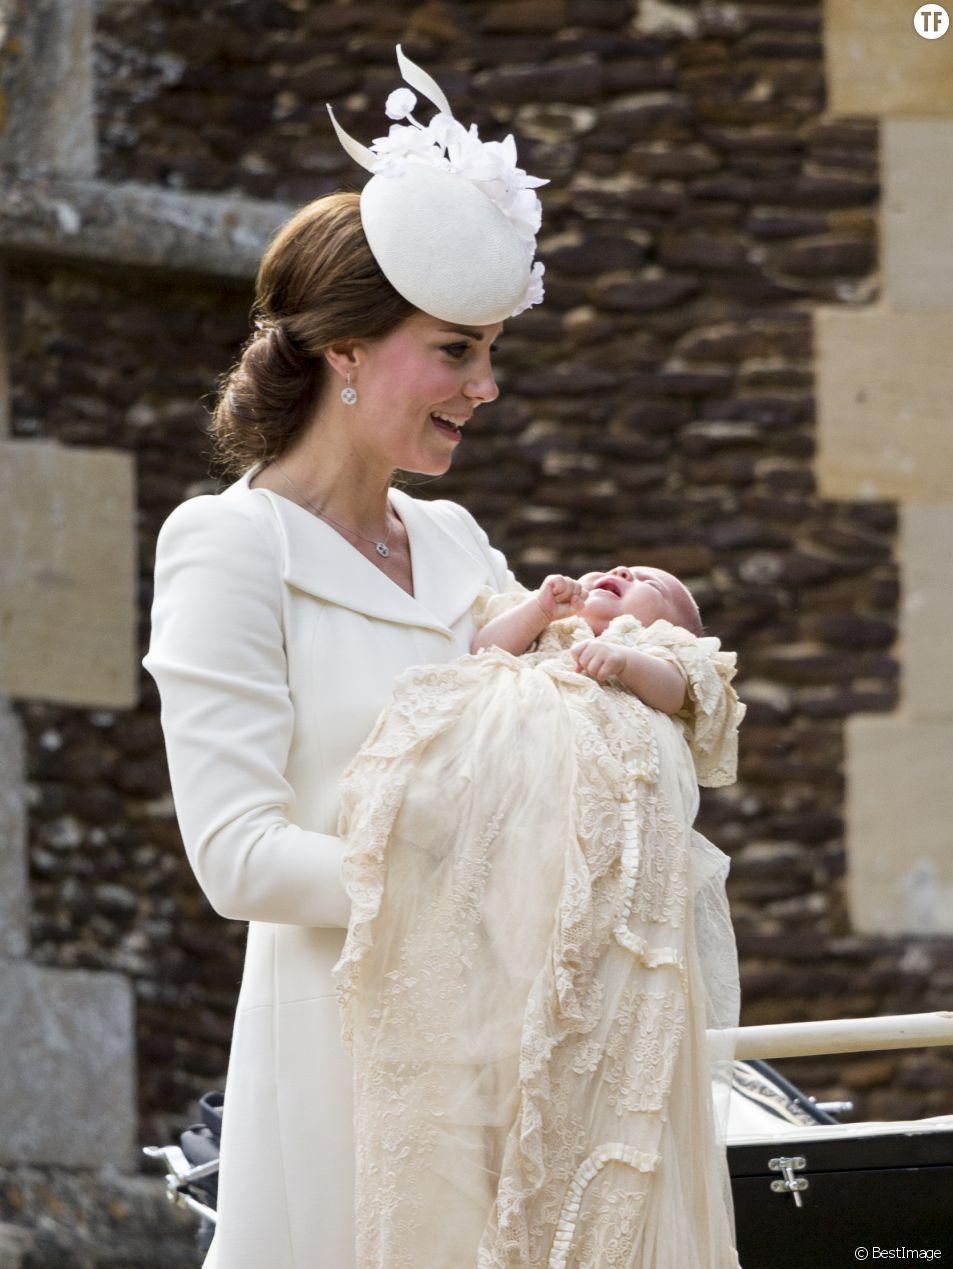 Catherine Kate Middleton, la duchesse de Cambridge et sa fille la princesse Charlotte de Cambridge - Sorties après le baptême de la princesse Charlotte de Cambridge à l'église St. Mary Magdalene à Sandringham, le 5 juillet 2015.